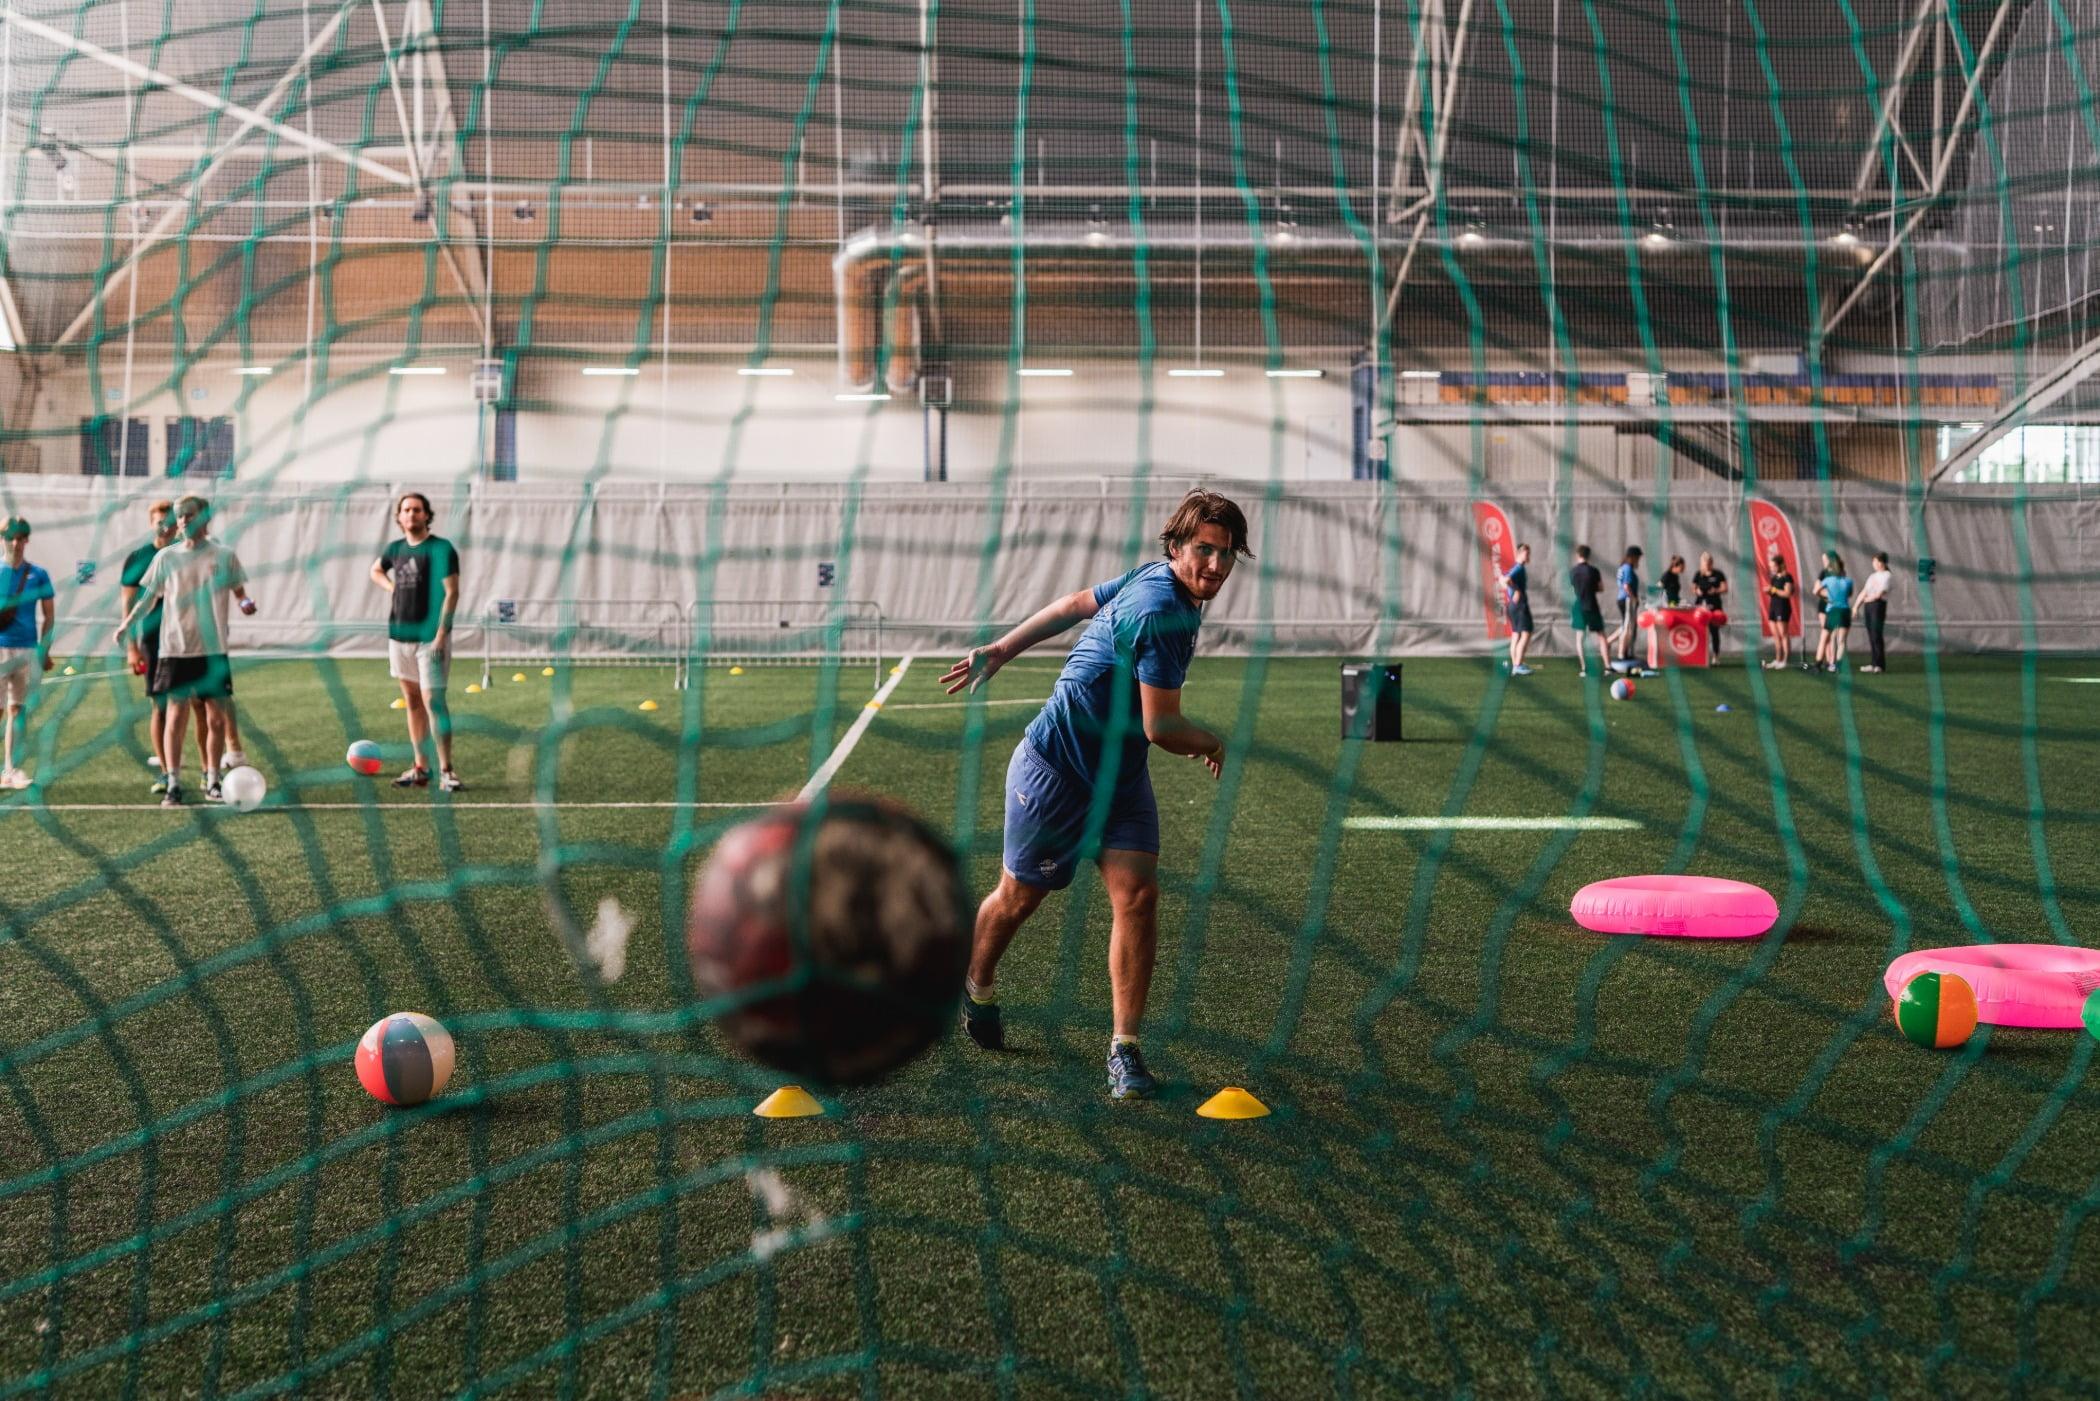 Playing sports, Team sport, Soccer ball, Player, Football, Grass